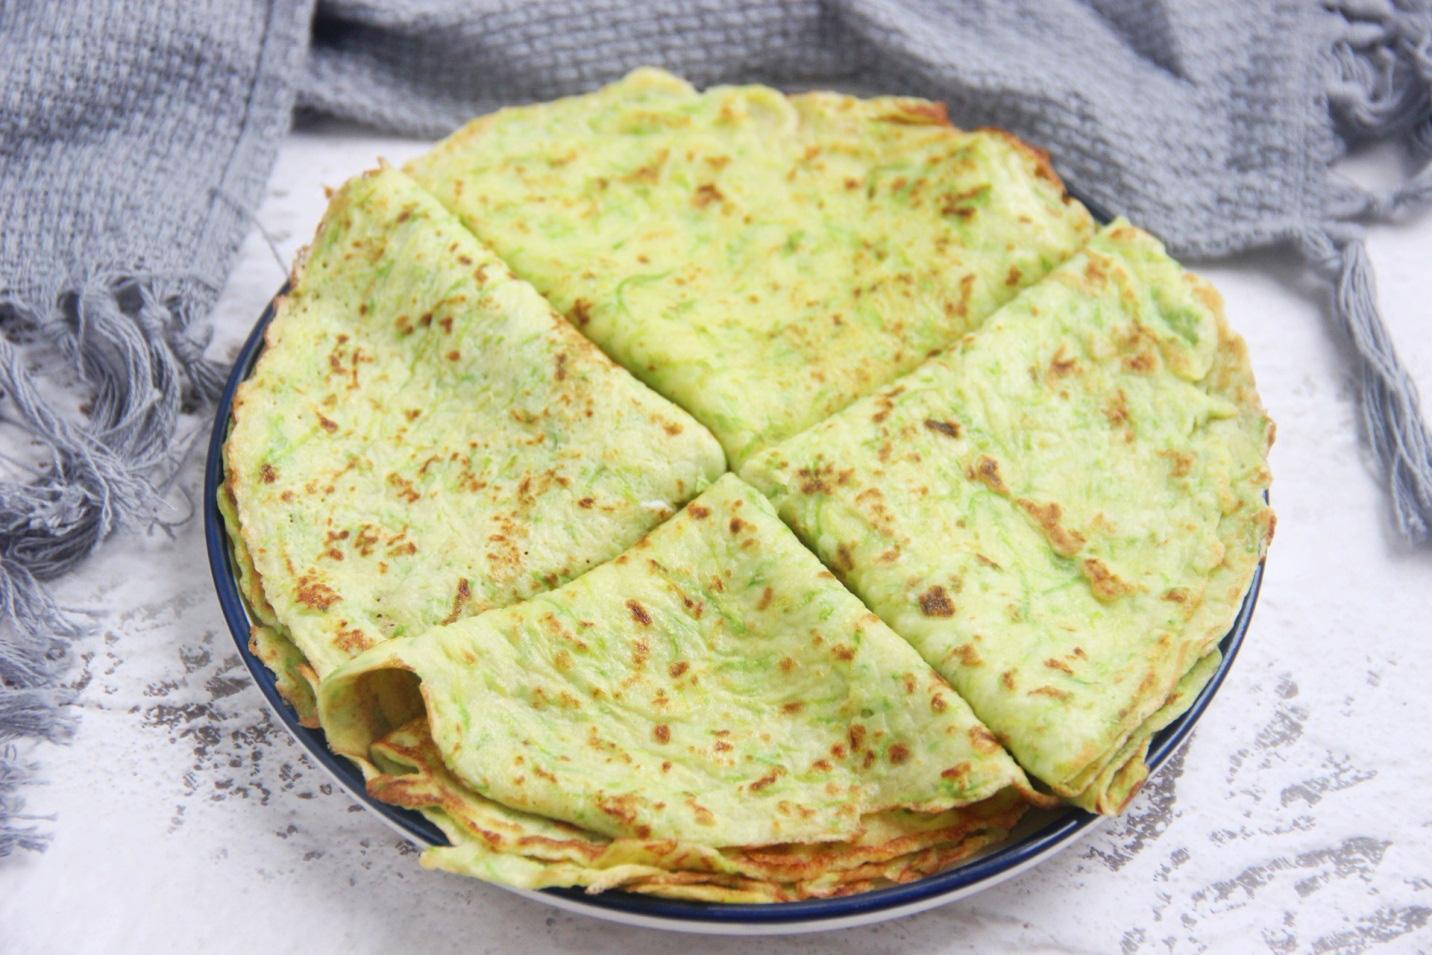 Thử ngay món bánh crepe màu xanh - nguồn bổ sung chất xơ hoàn hảo cho cả nhà - Ảnh 5